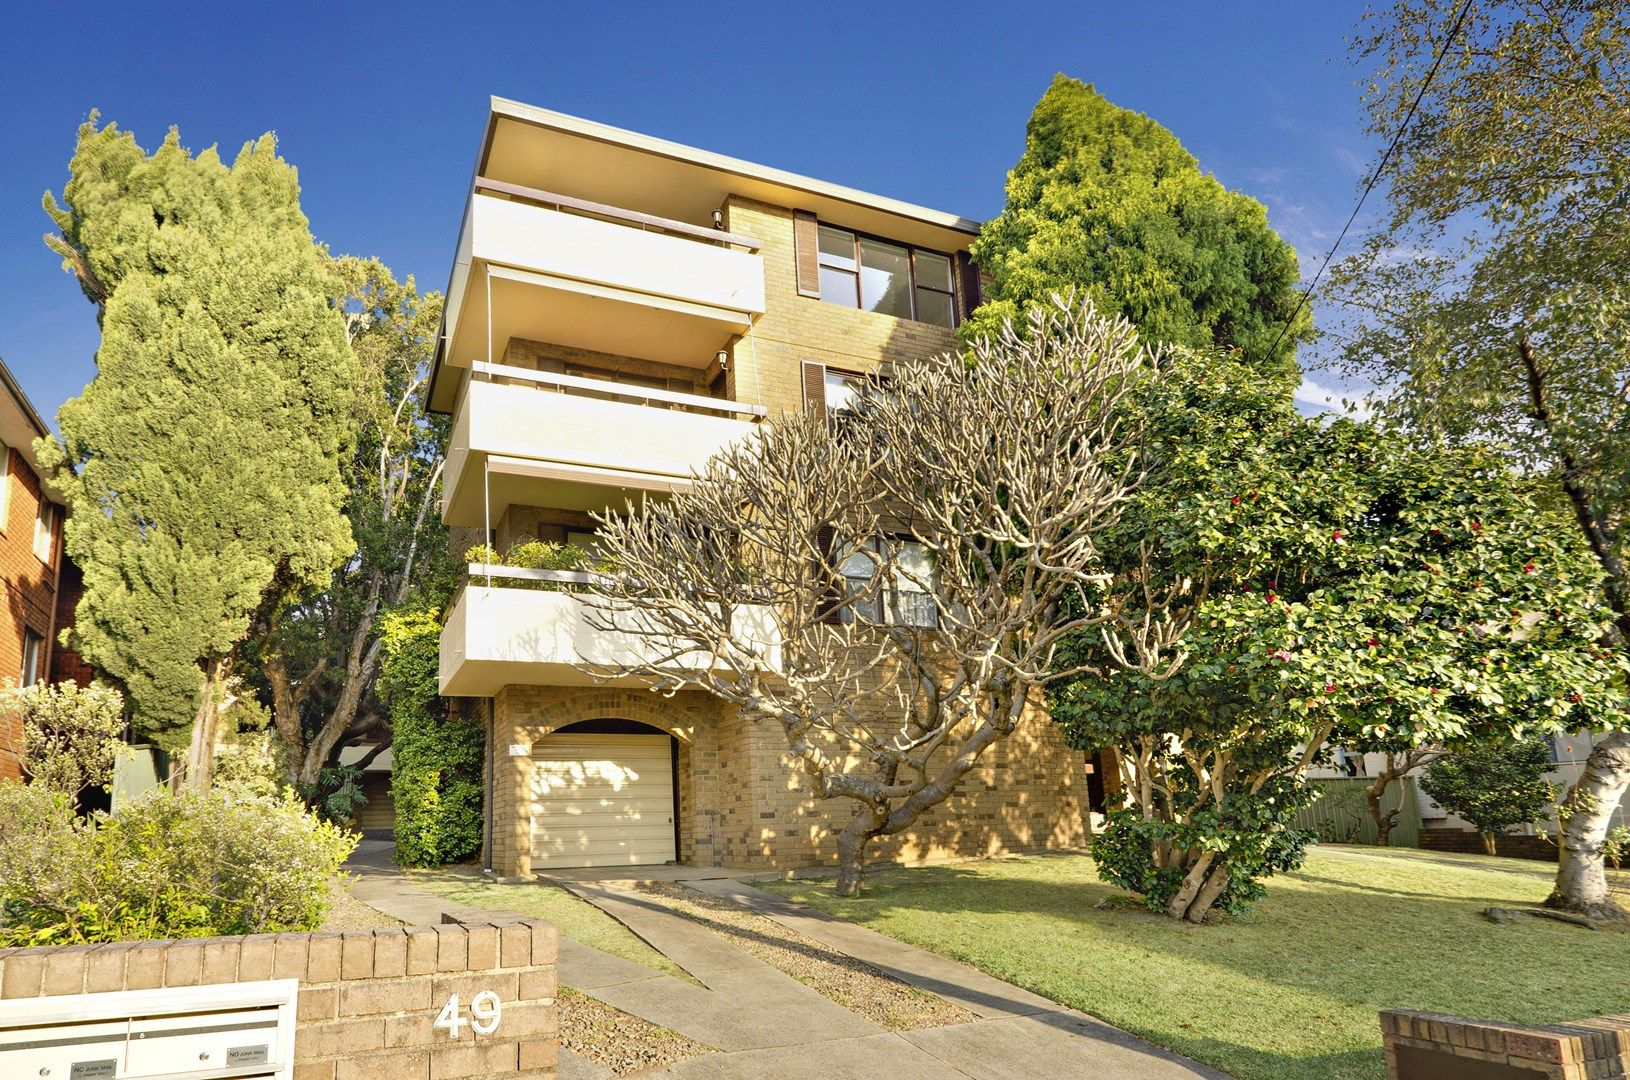 7/49 Charlotte Street, Ashfield NSW 2131, Image 0